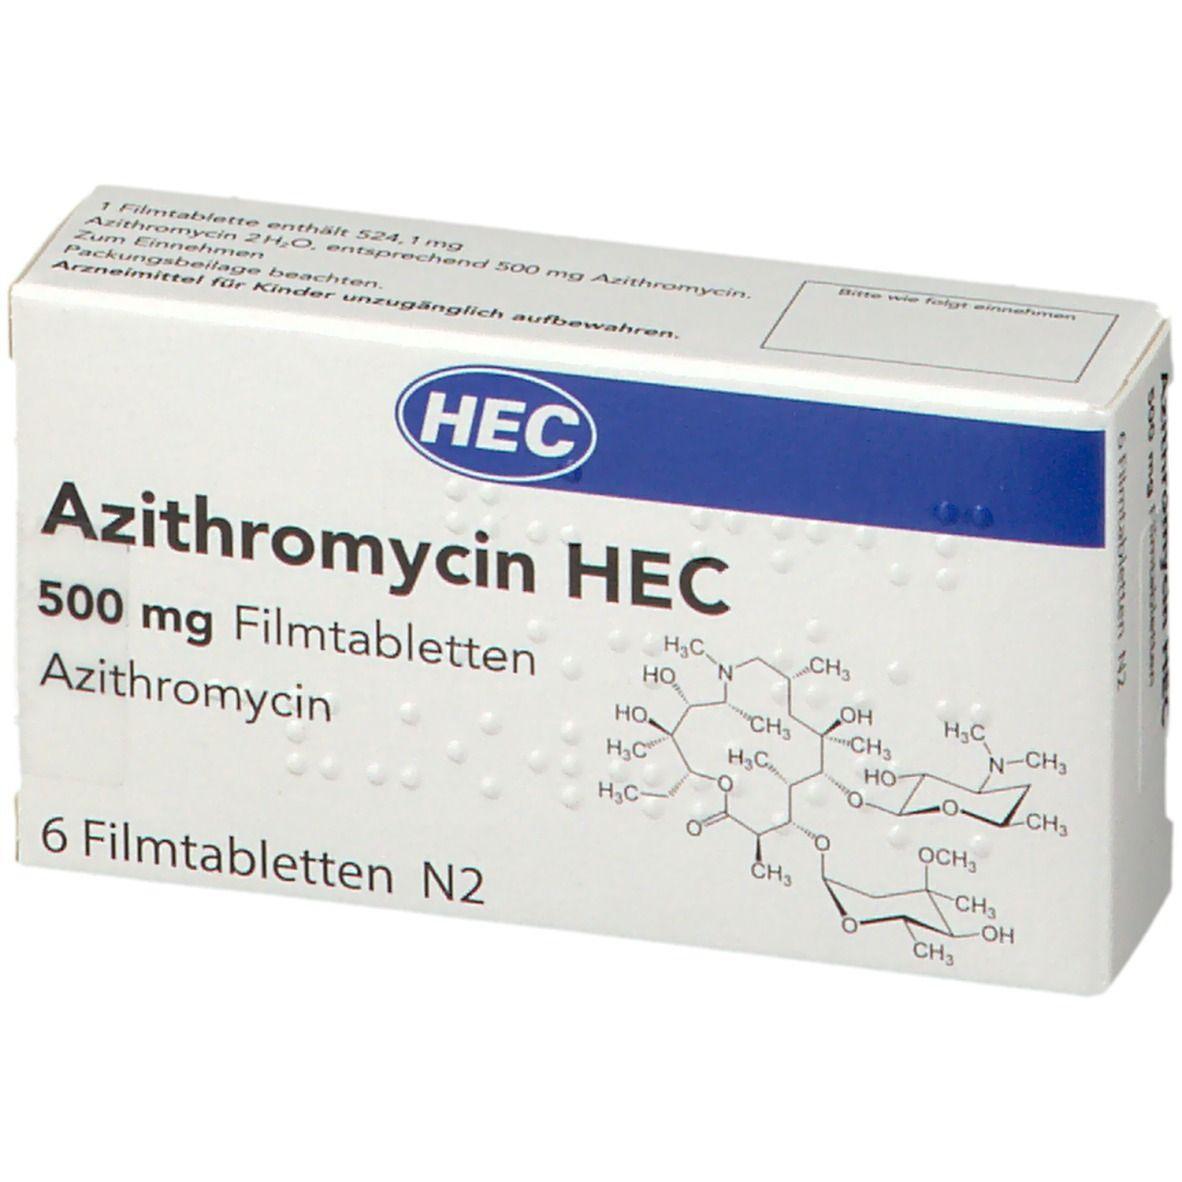 azithromycin kaufen online versand